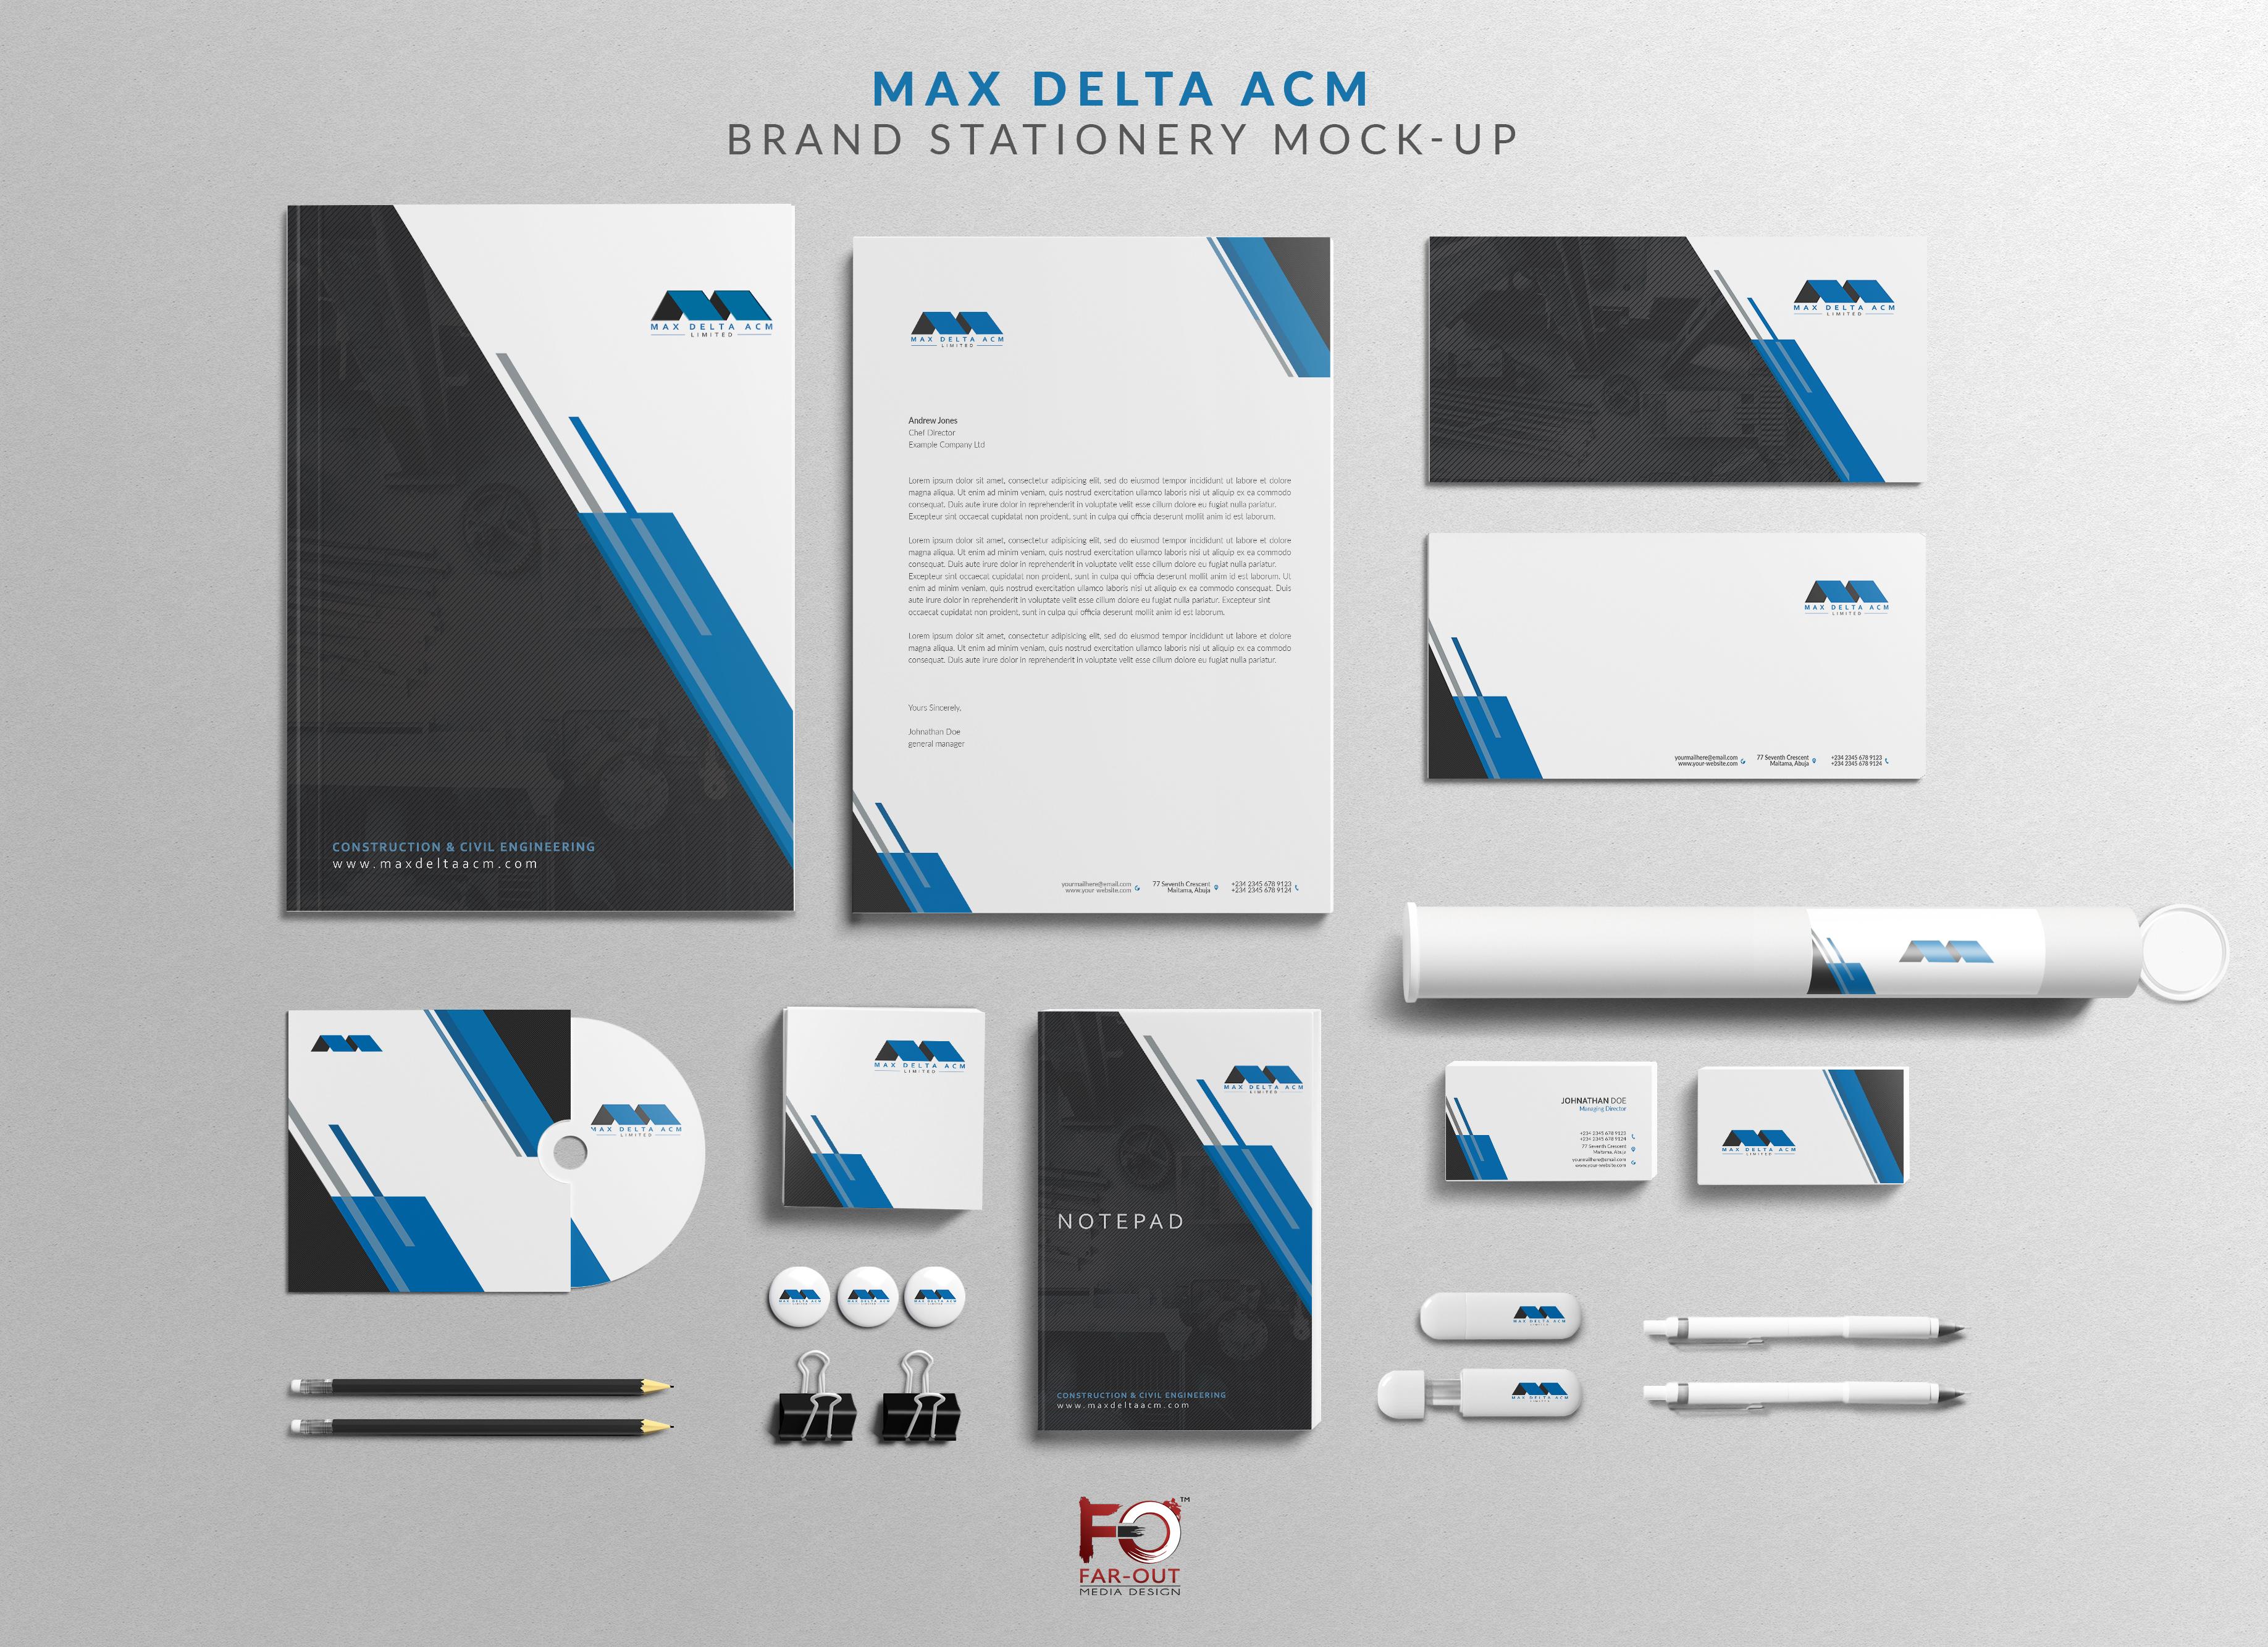 Max Delta ACM